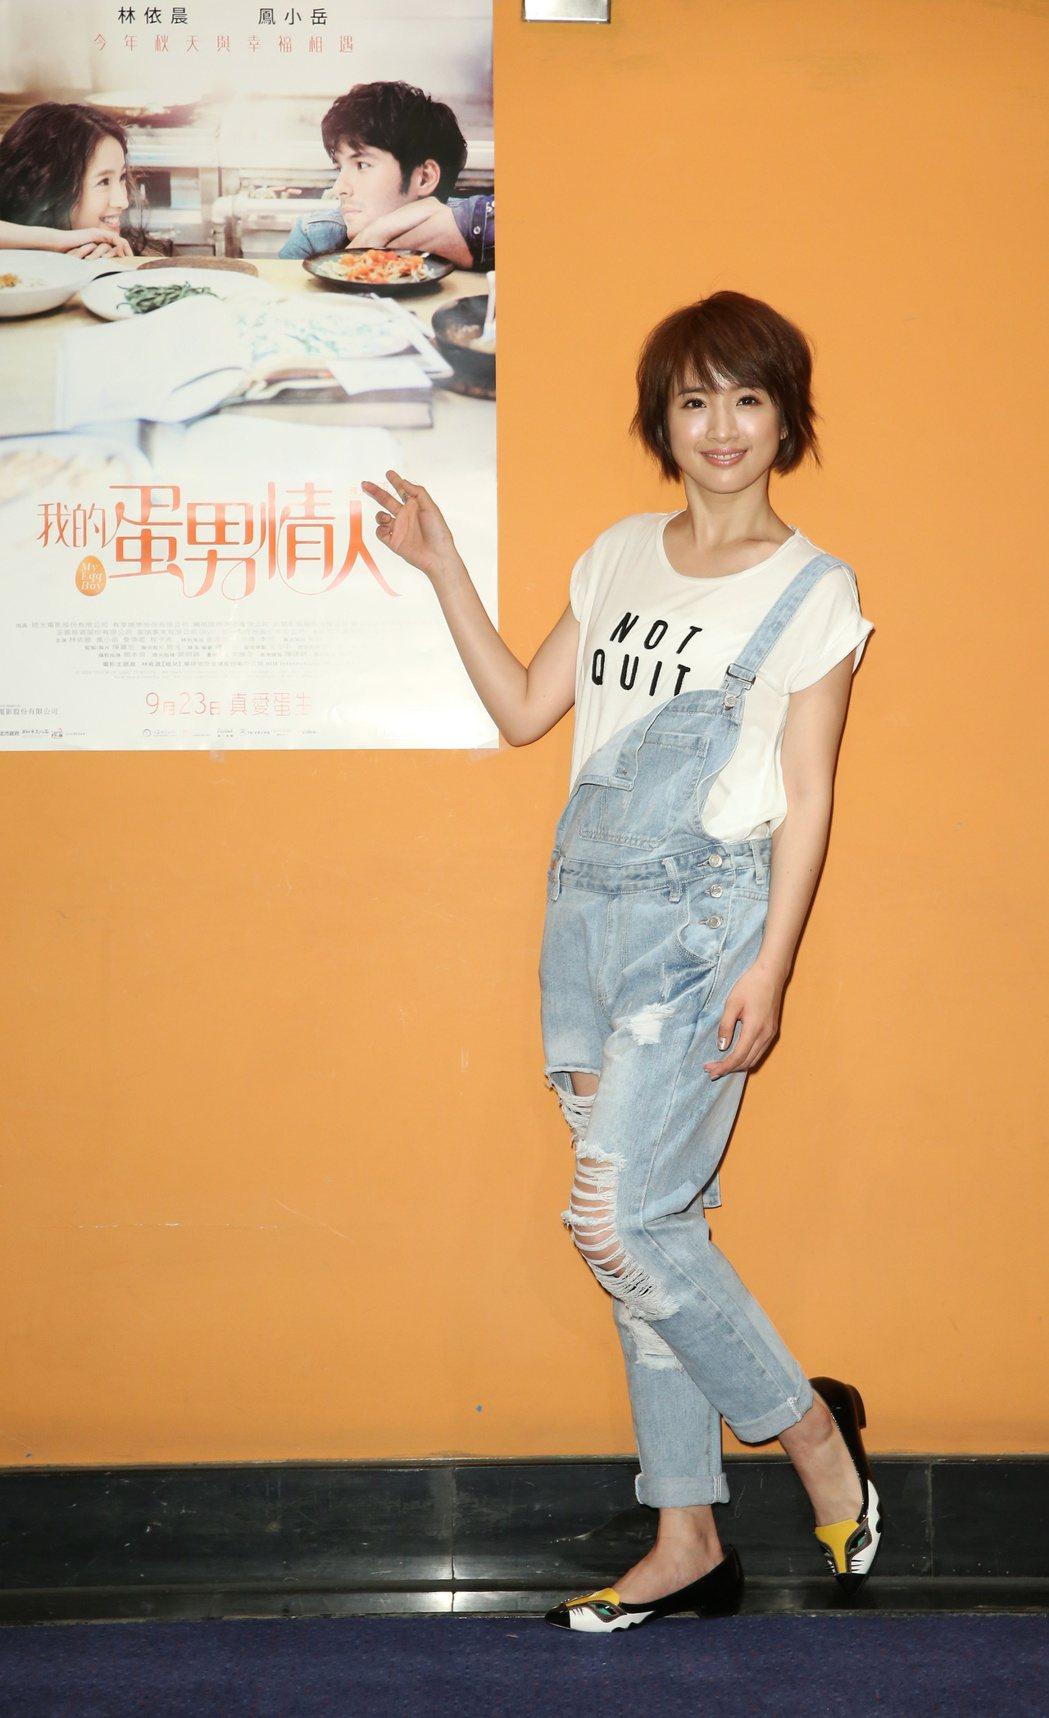 電影「我的蛋男情人」女主角林依晨短髮造型俏麗。記者陳立凱/攝影